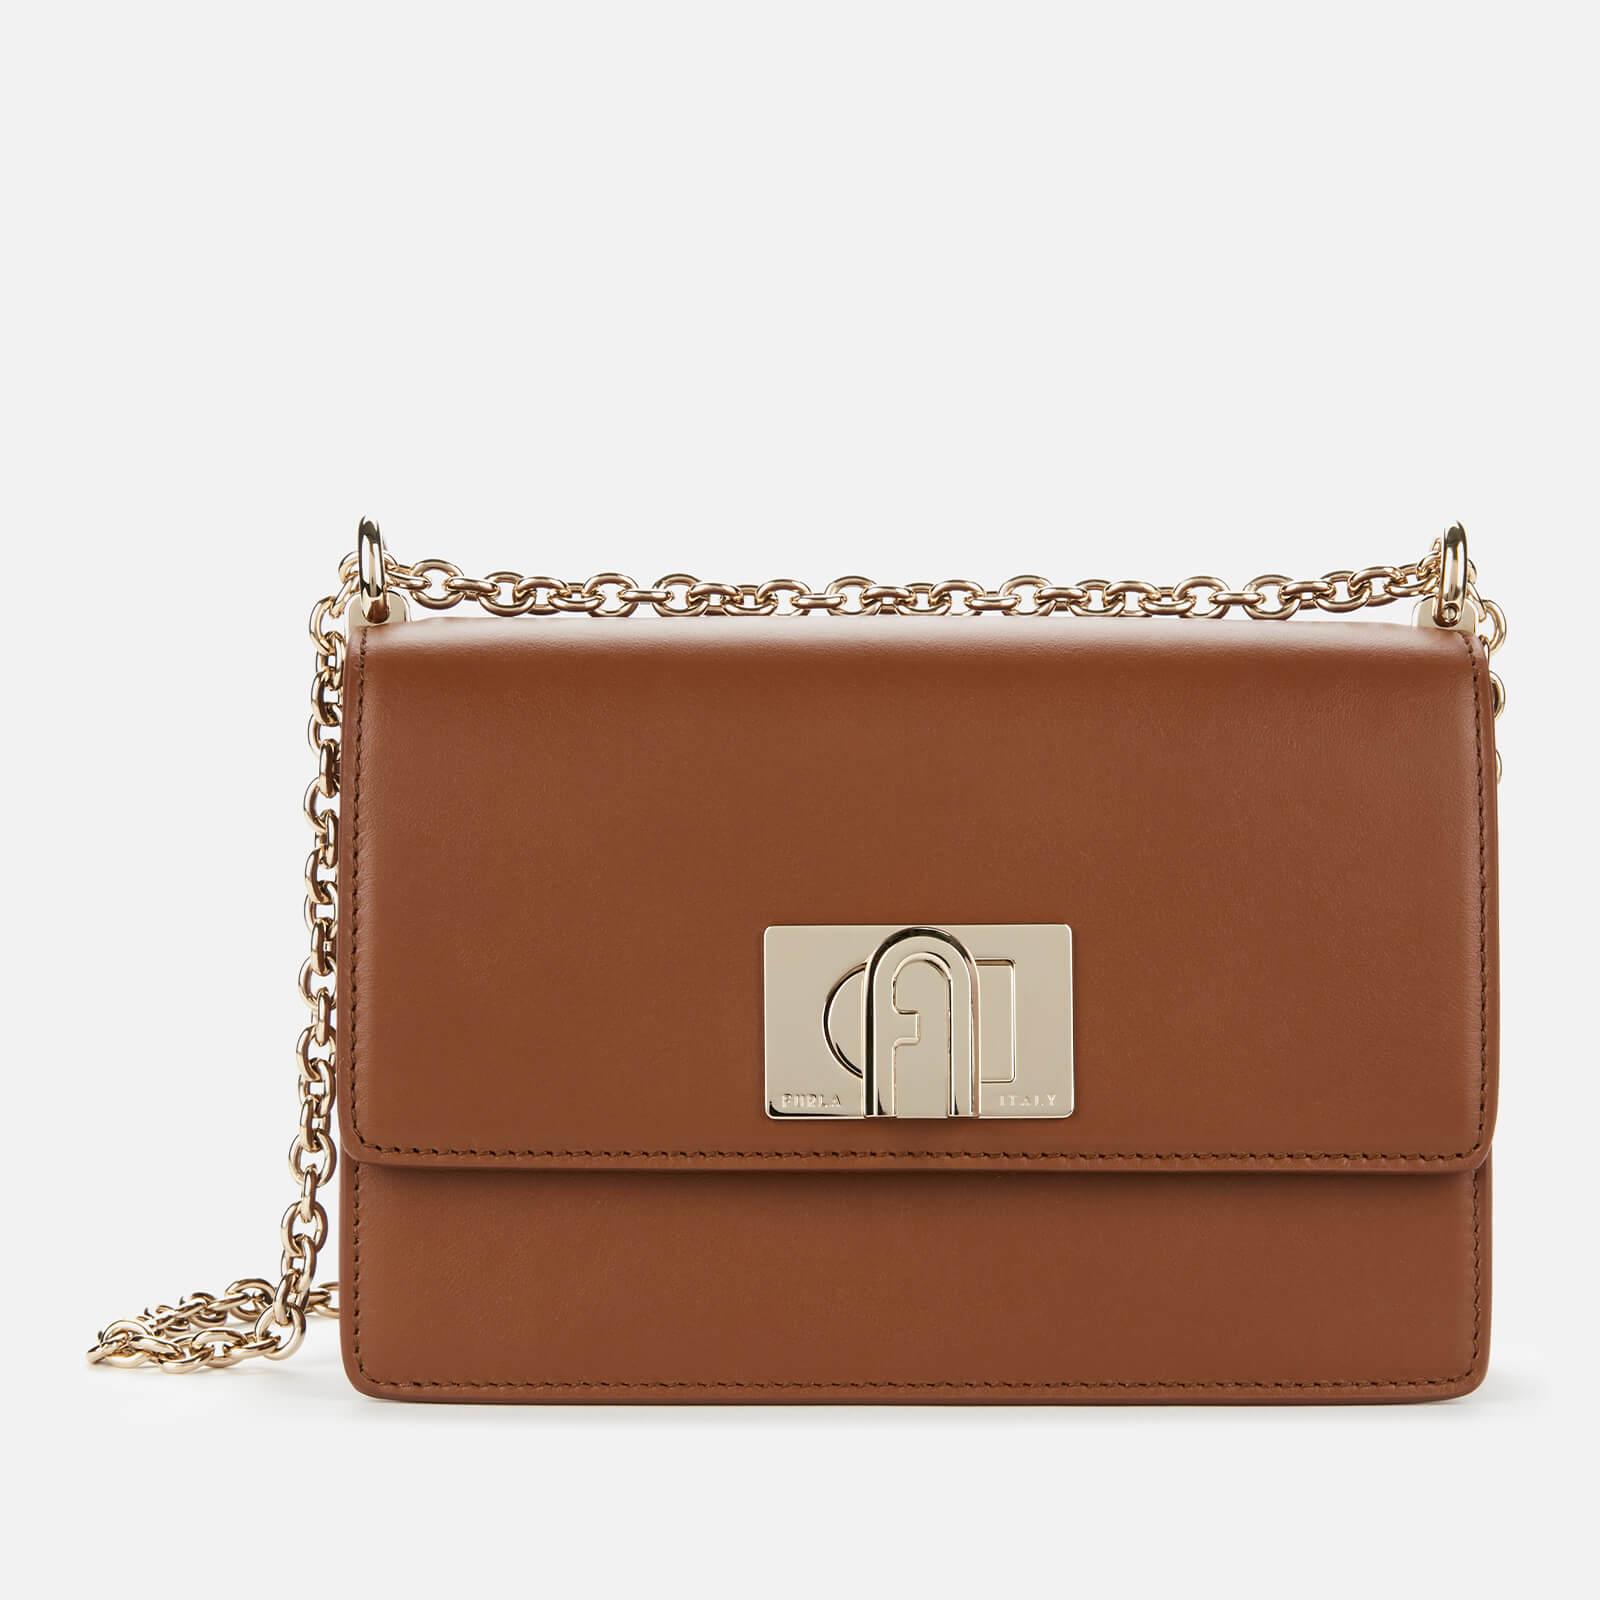 Furla Women's 1927 Mini Chain Cross Body Bag - Cognac